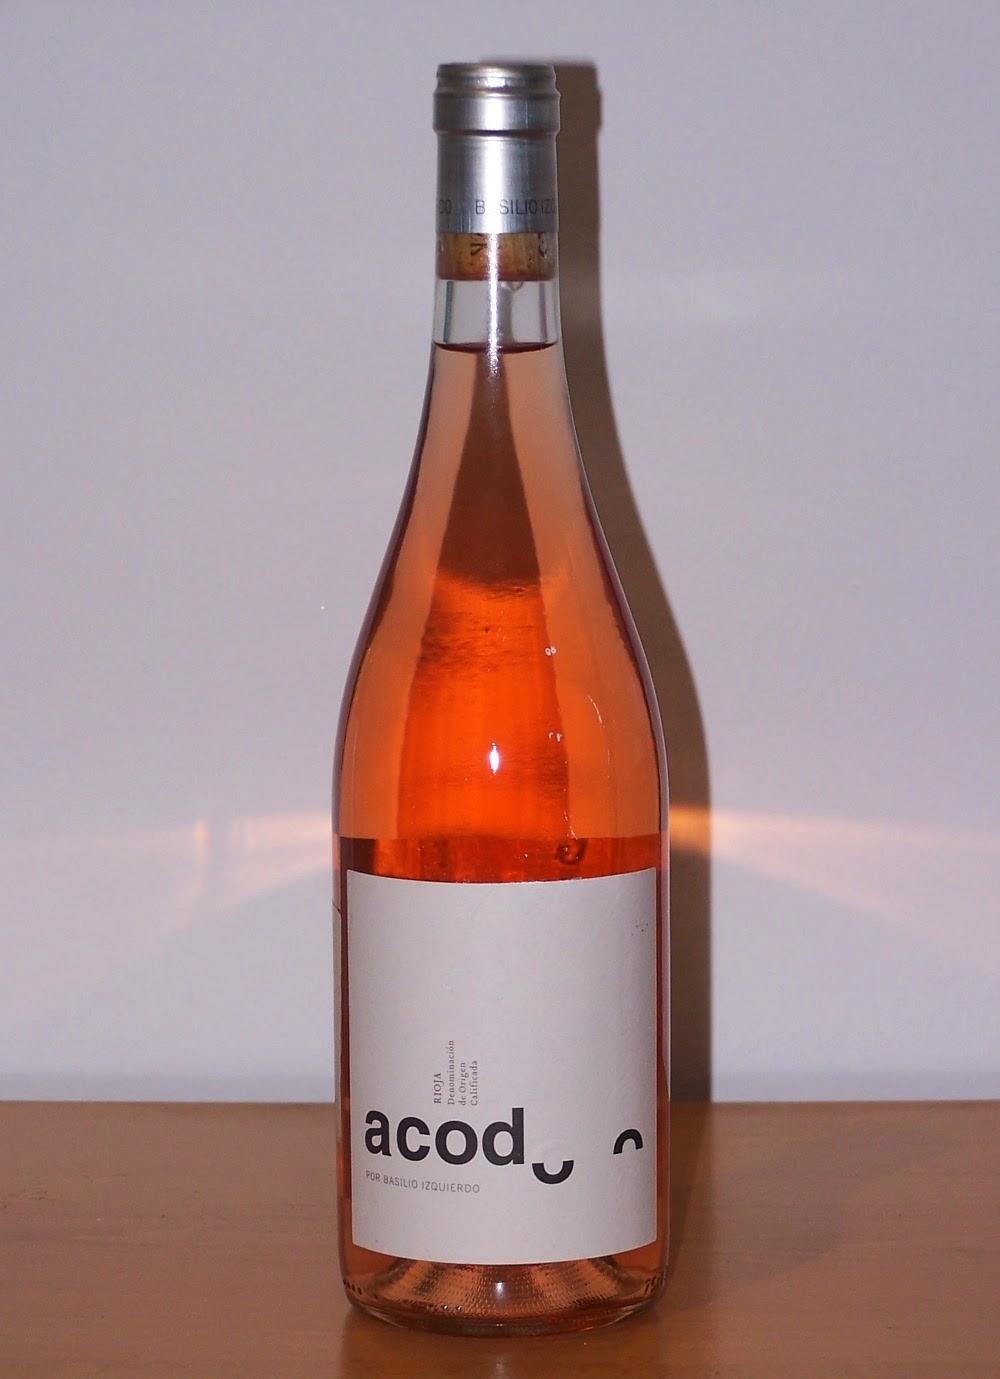 Acodo Rosado 2011, D.o.c Rioja